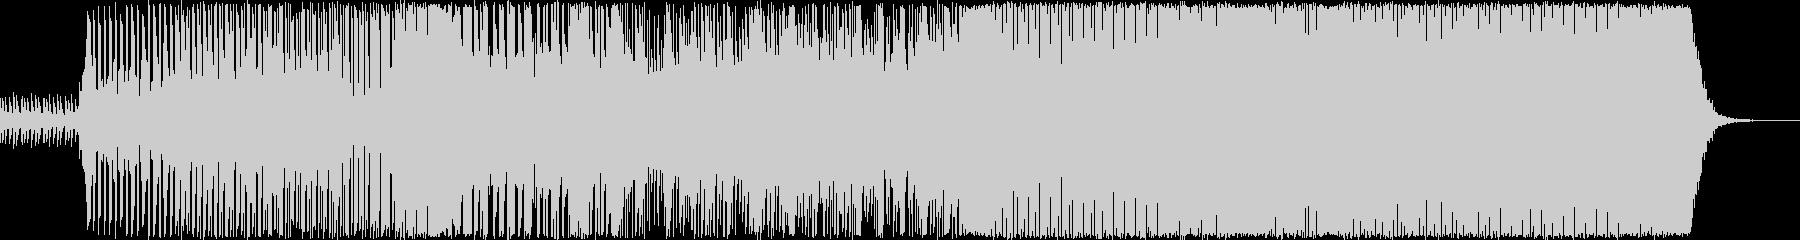 独特な曲展開のテクノの未再生の波形